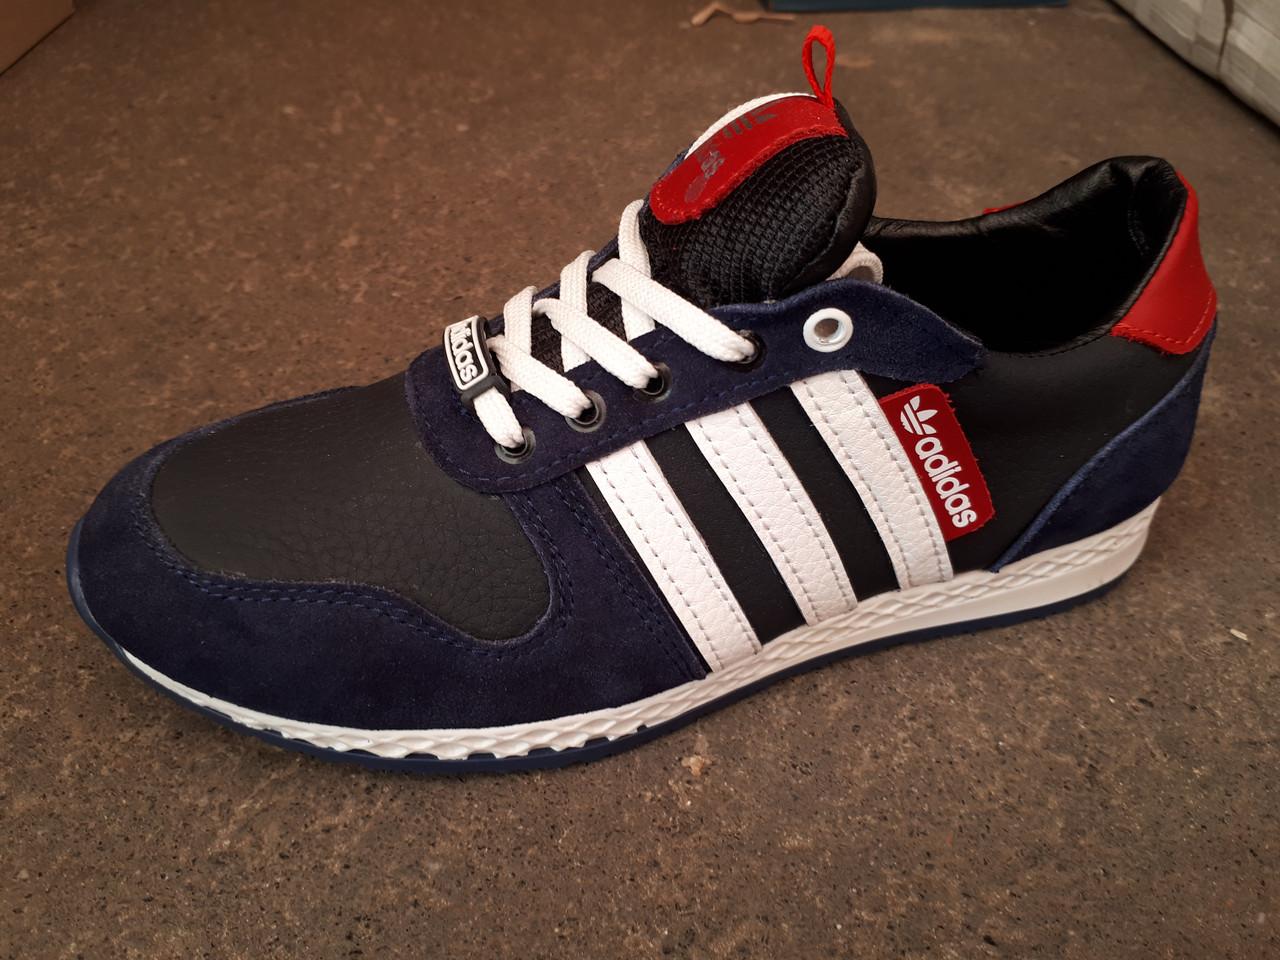 53138df4c0a974 Подростковые кожаные кроссовки Adidas. Украина - Интернет-магазин